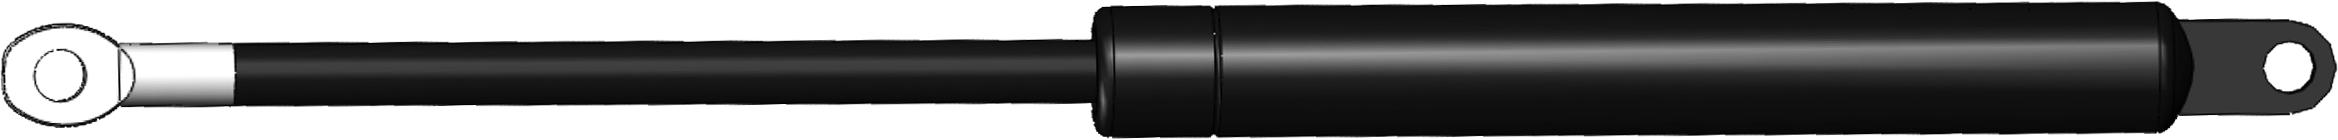 Amortisör 3-Boyutlu